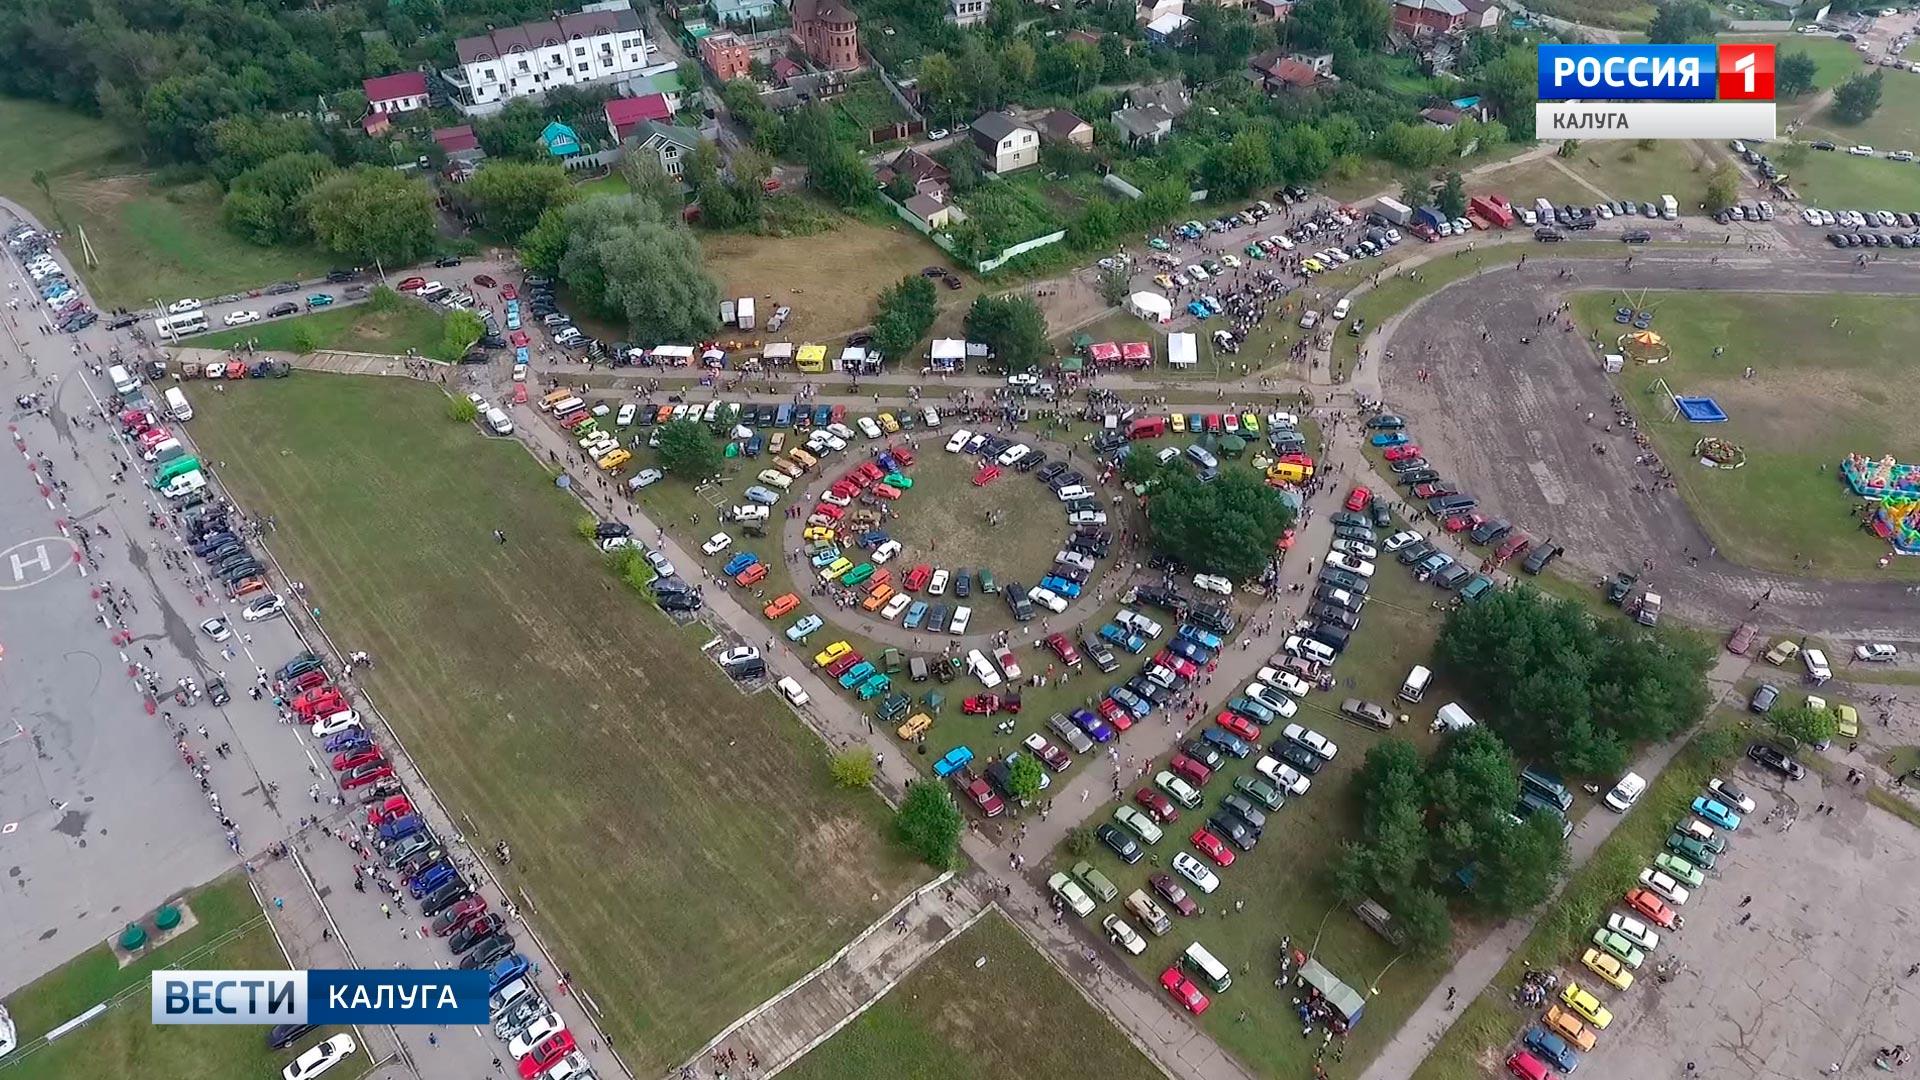 ВКалуге пройдёт автомобильный фестиваль Автострада